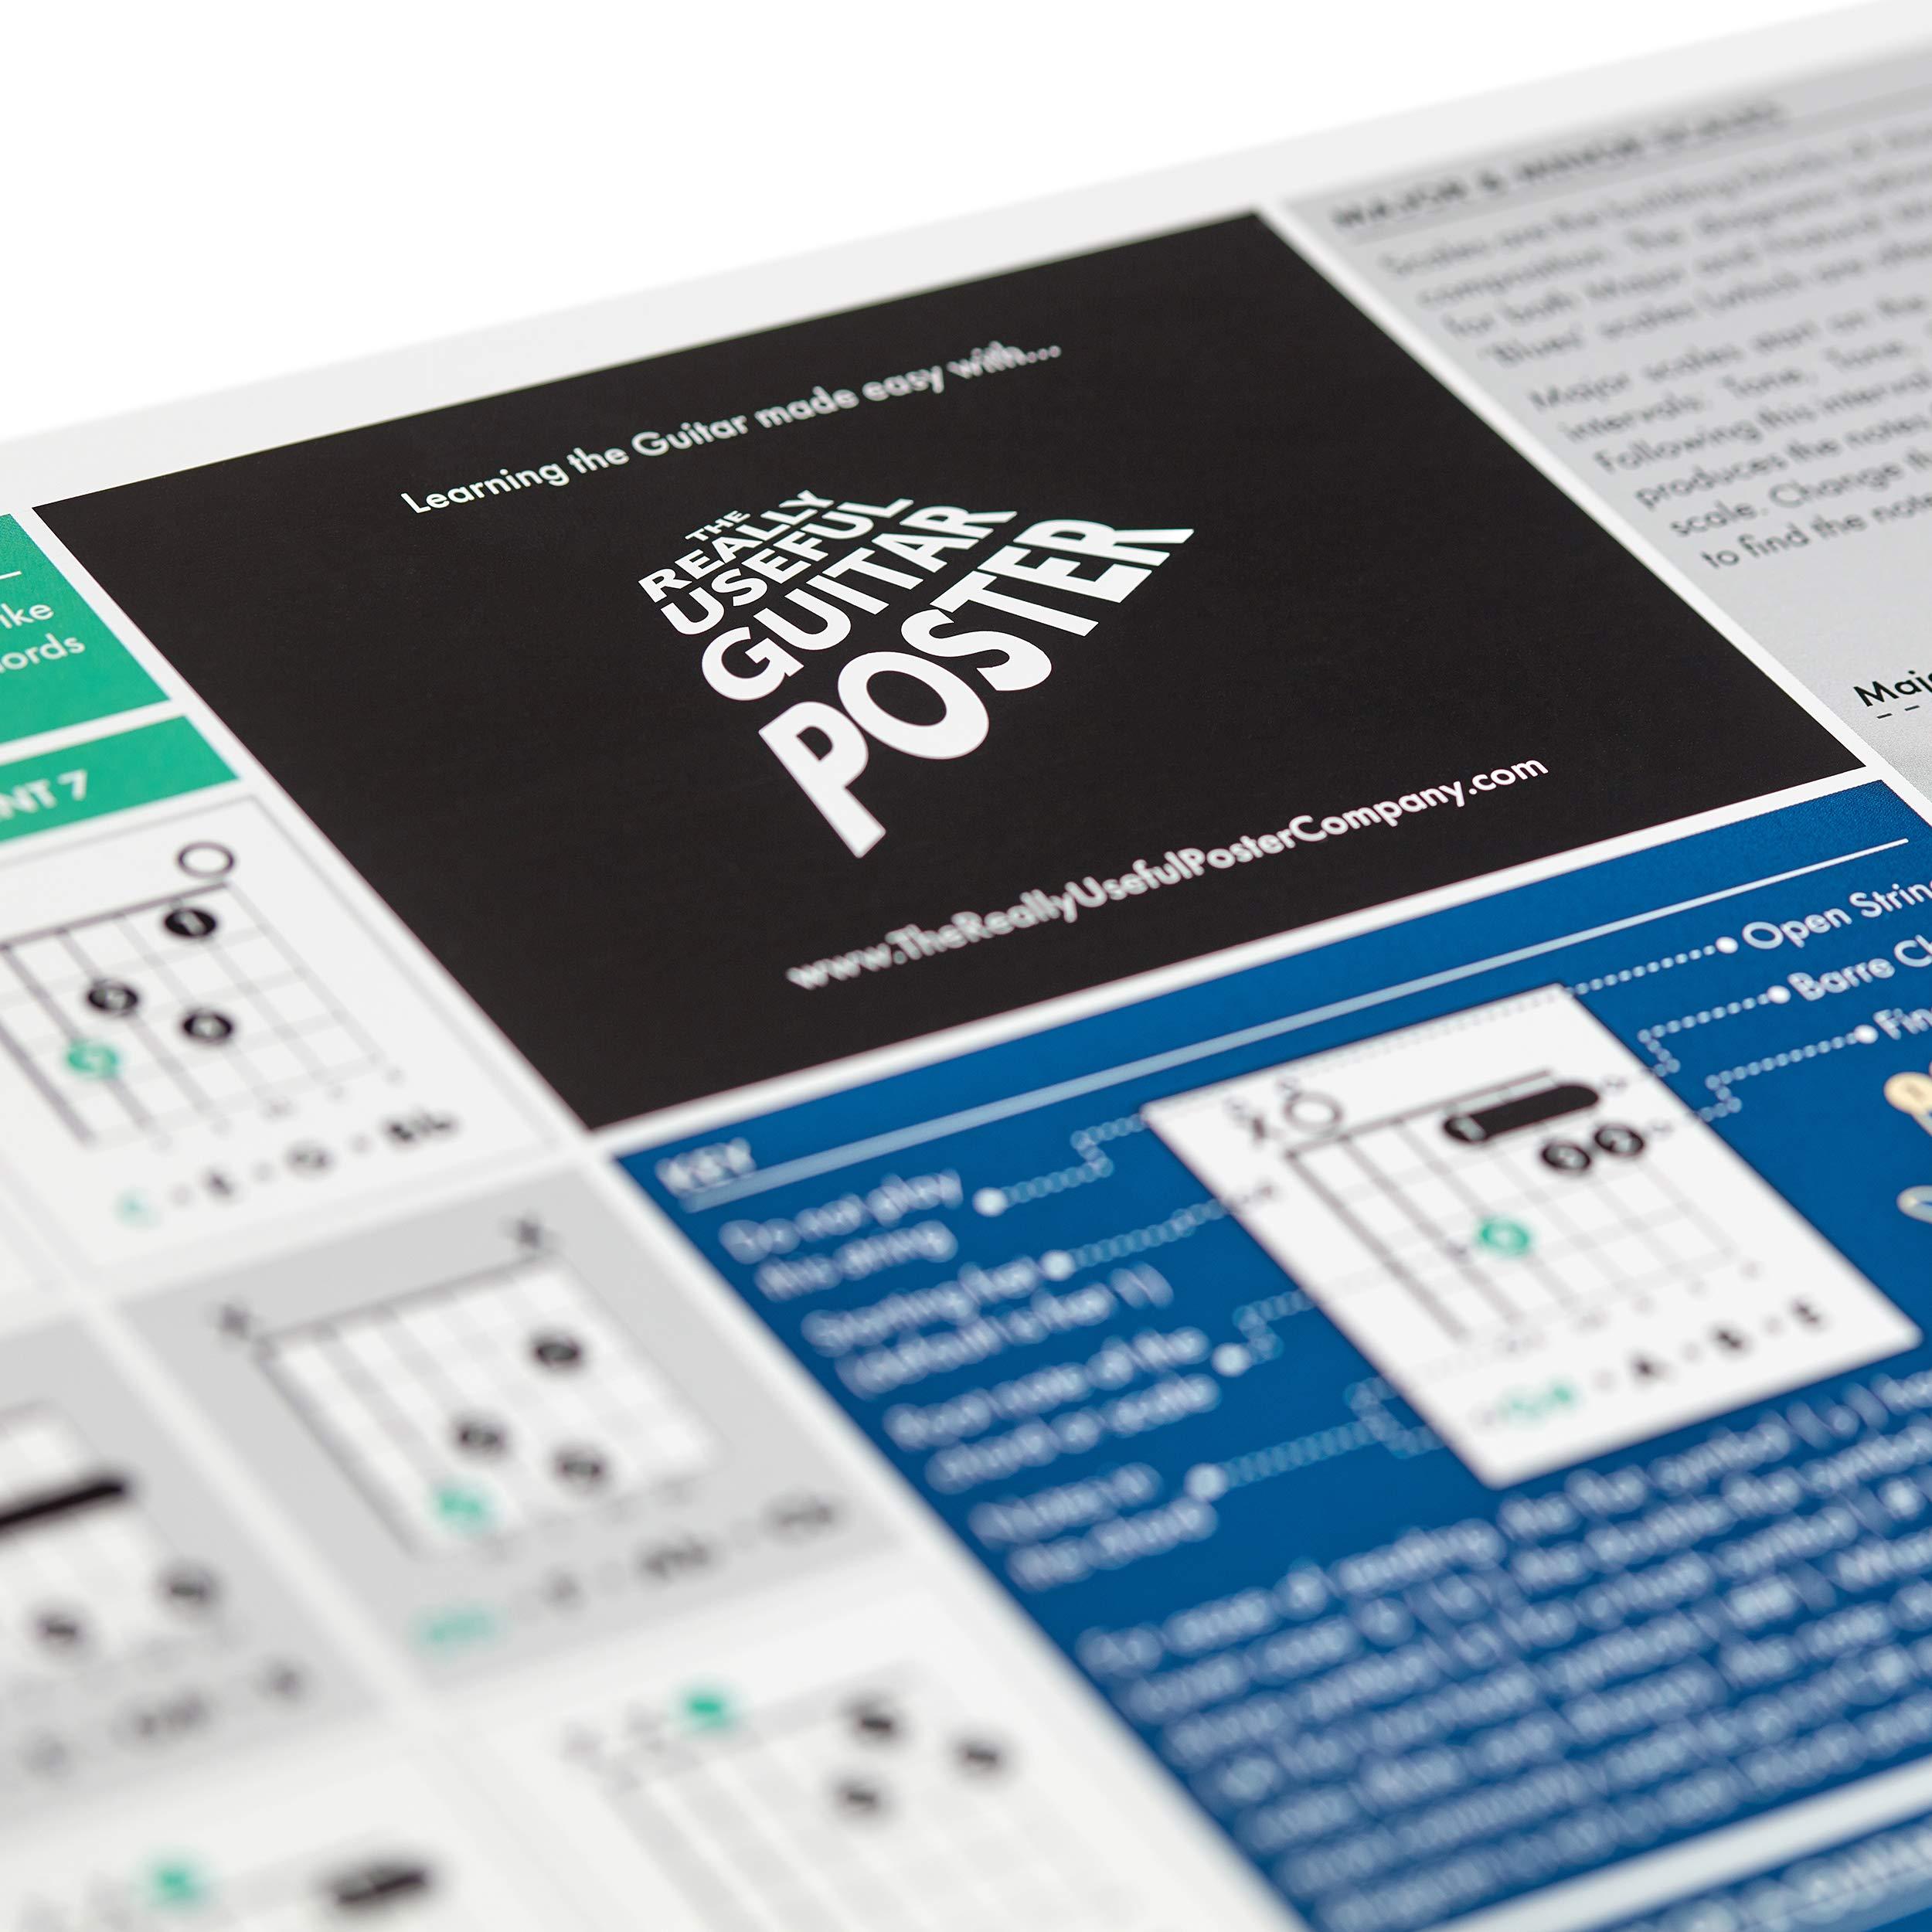 The Really Useful Guitar Poster - Aprende Guitarra, Teoría Musical y Composición con nuestra Tabla de Escalas, Acordes y Círculos de Quintas - Tamaño A1 - Versión Plegada: Amazon.es: Instrumentos musicales